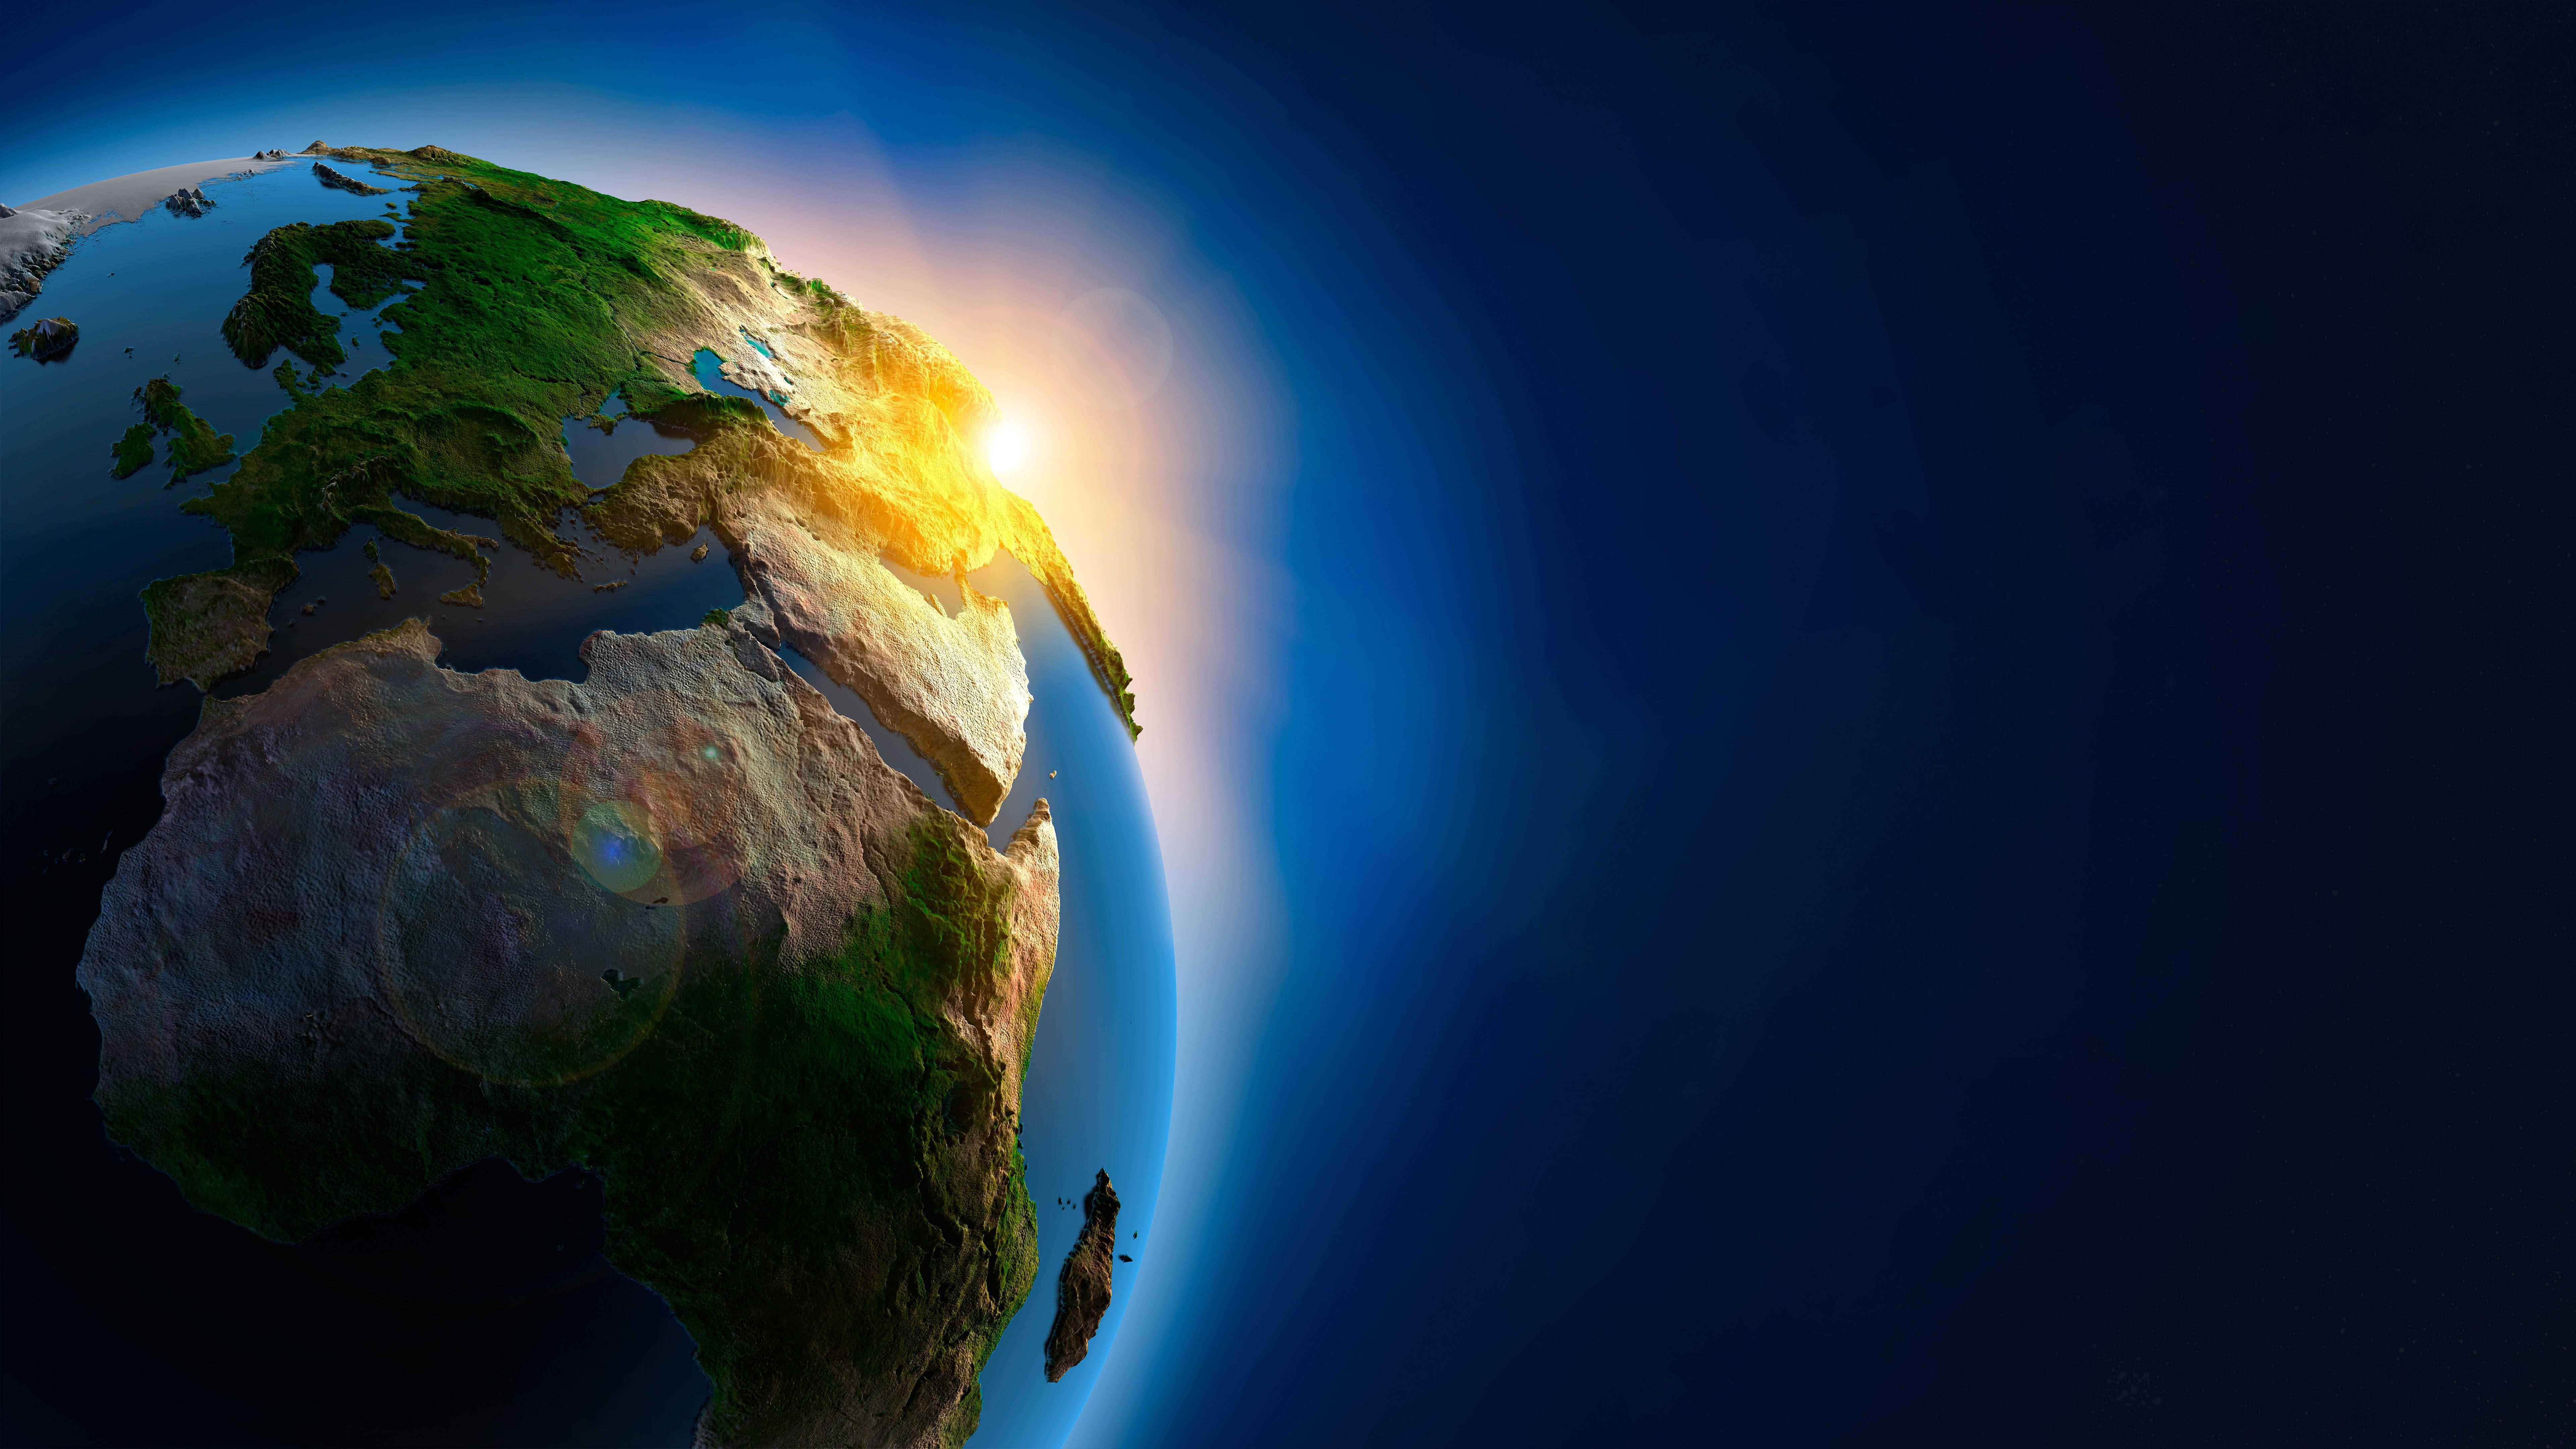 7680x4320 Earth 3d From Space Uhd 8k Wallpaper Pixelz 8k Wallpaper Cool Backgrounds Wallpapers World Wallpaper